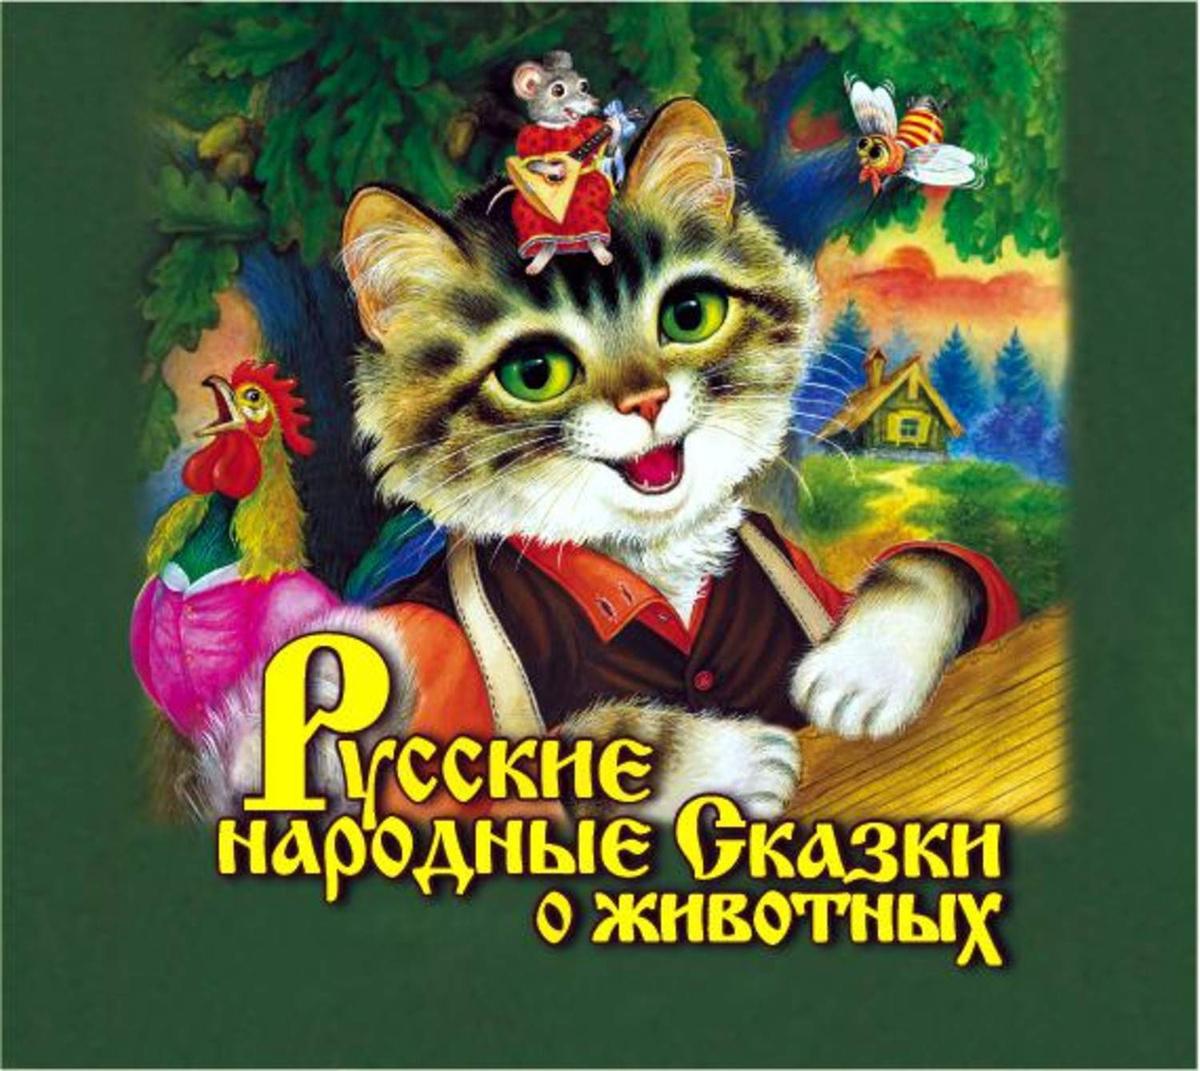 Русские народные сказки о животных | Народное творчество (Фольклор)  #1